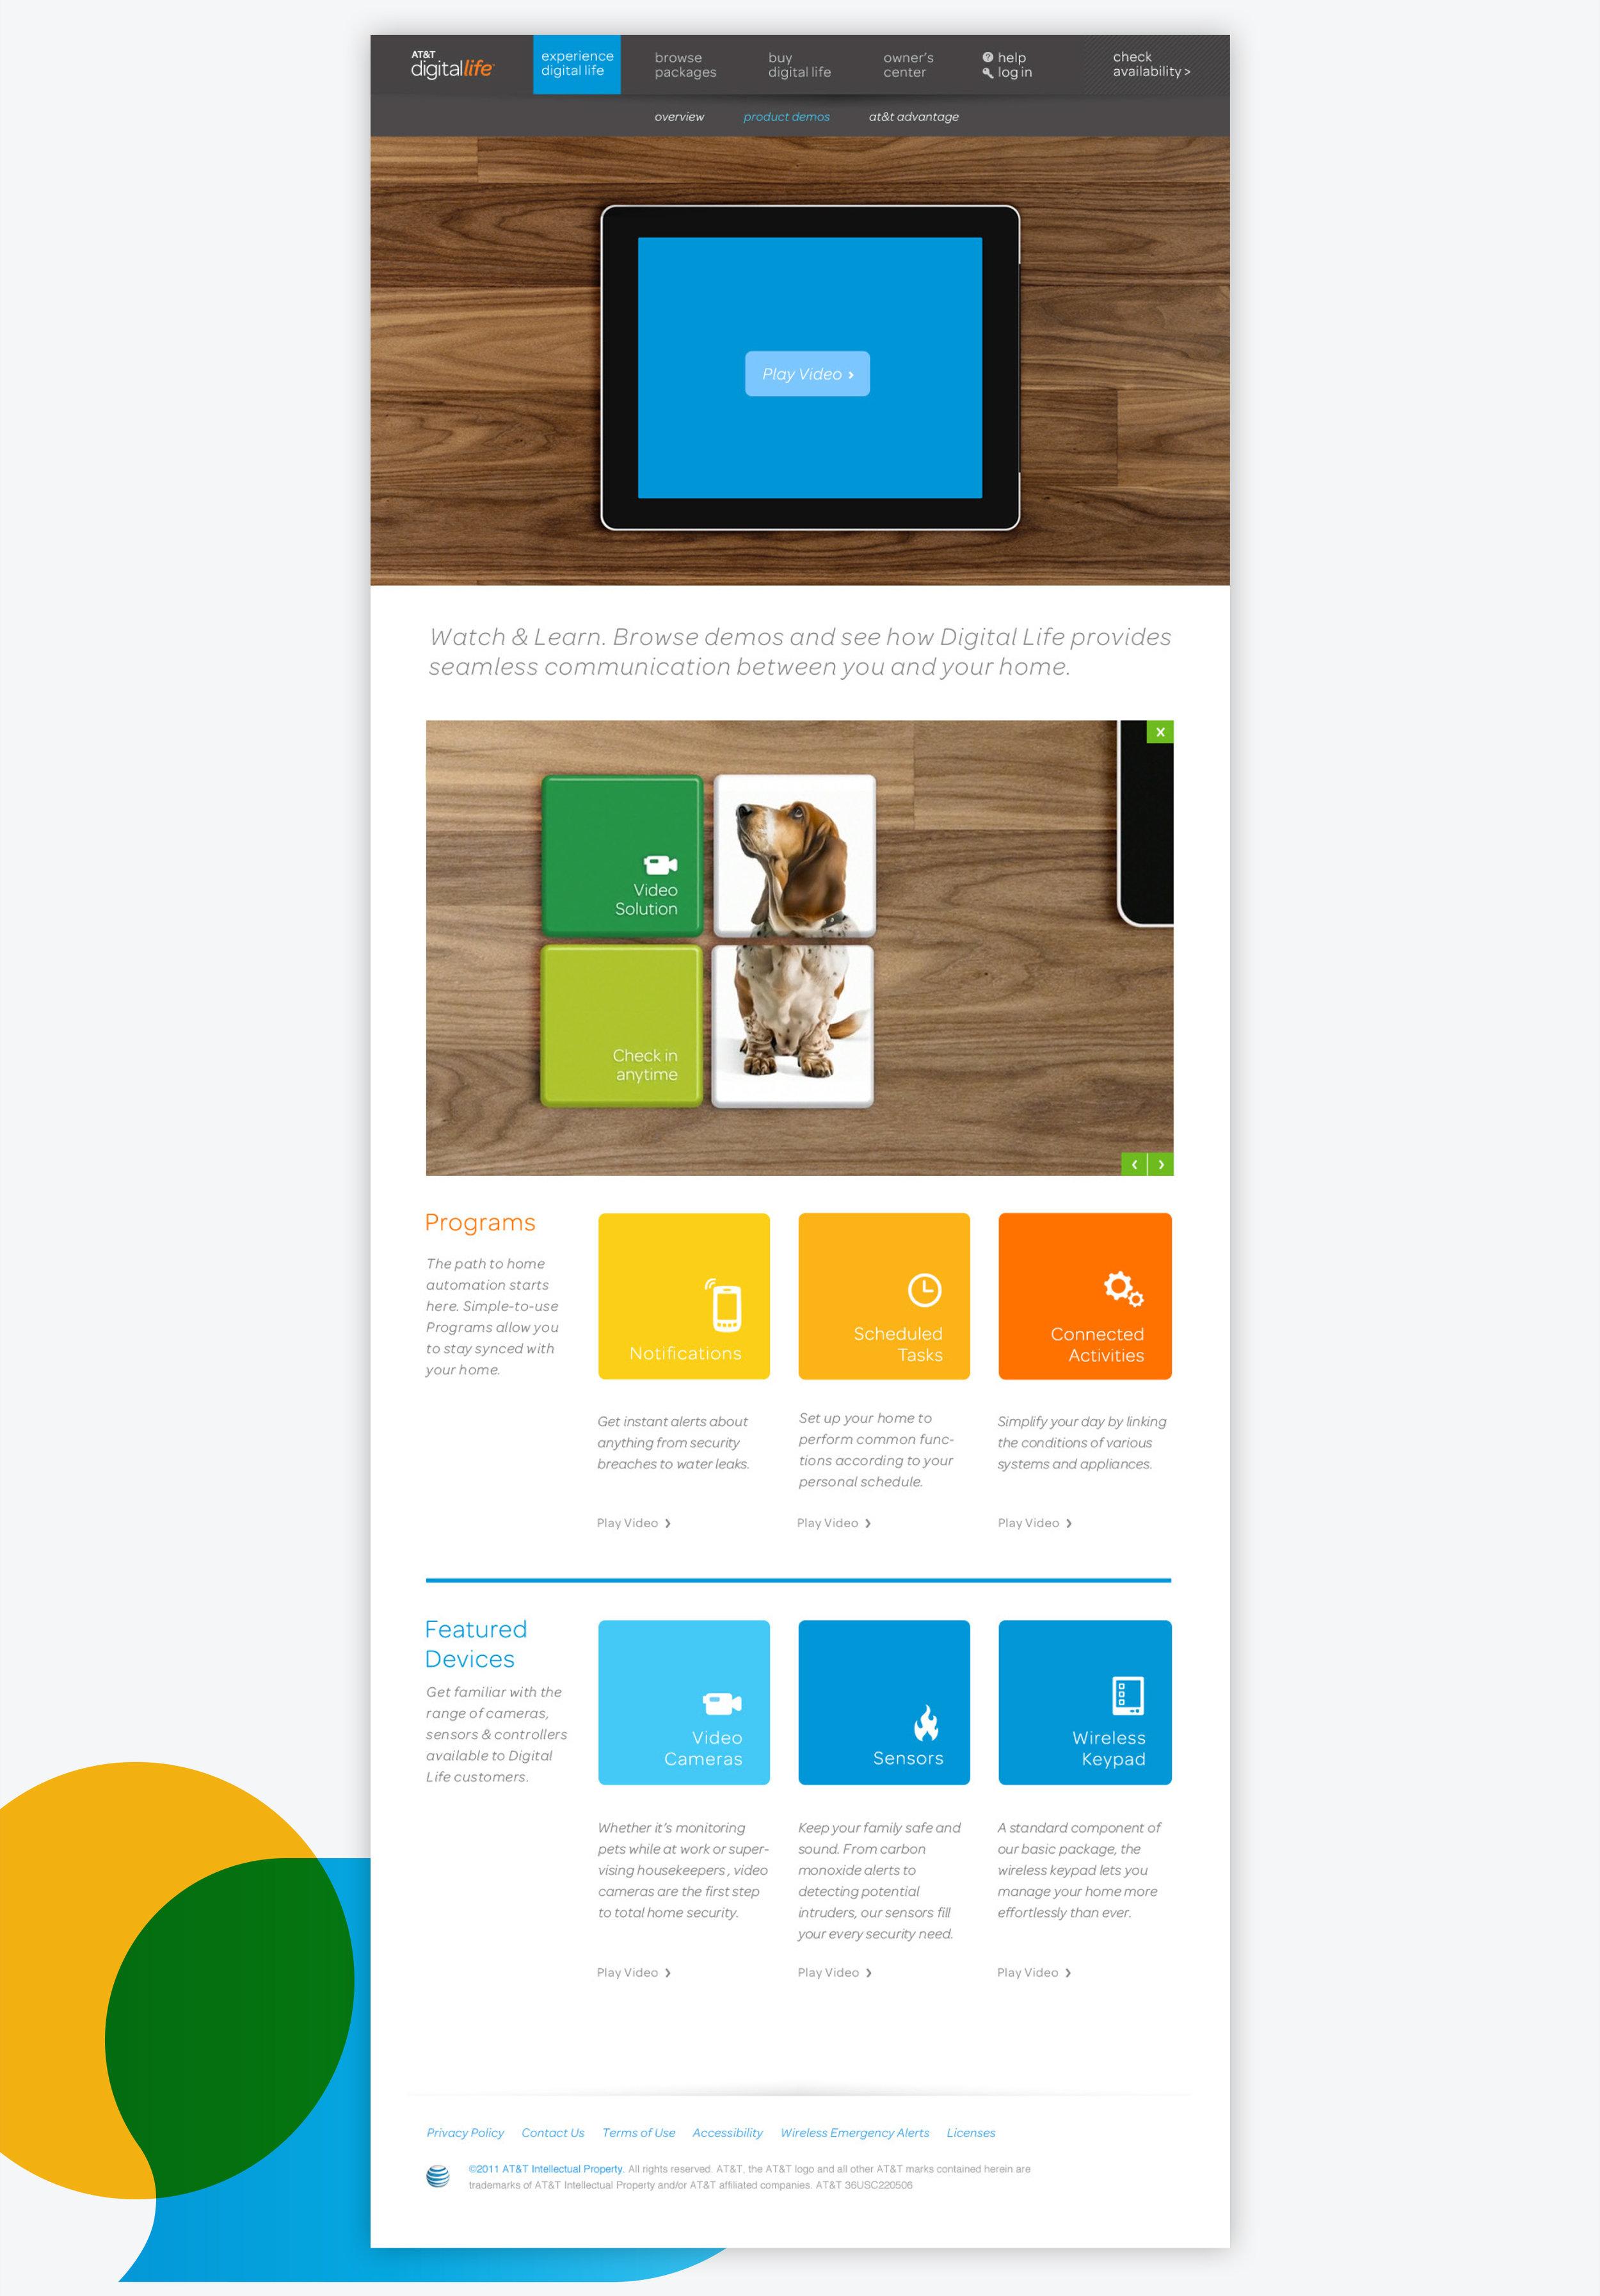 DL_Homepage_Screen02.jpg